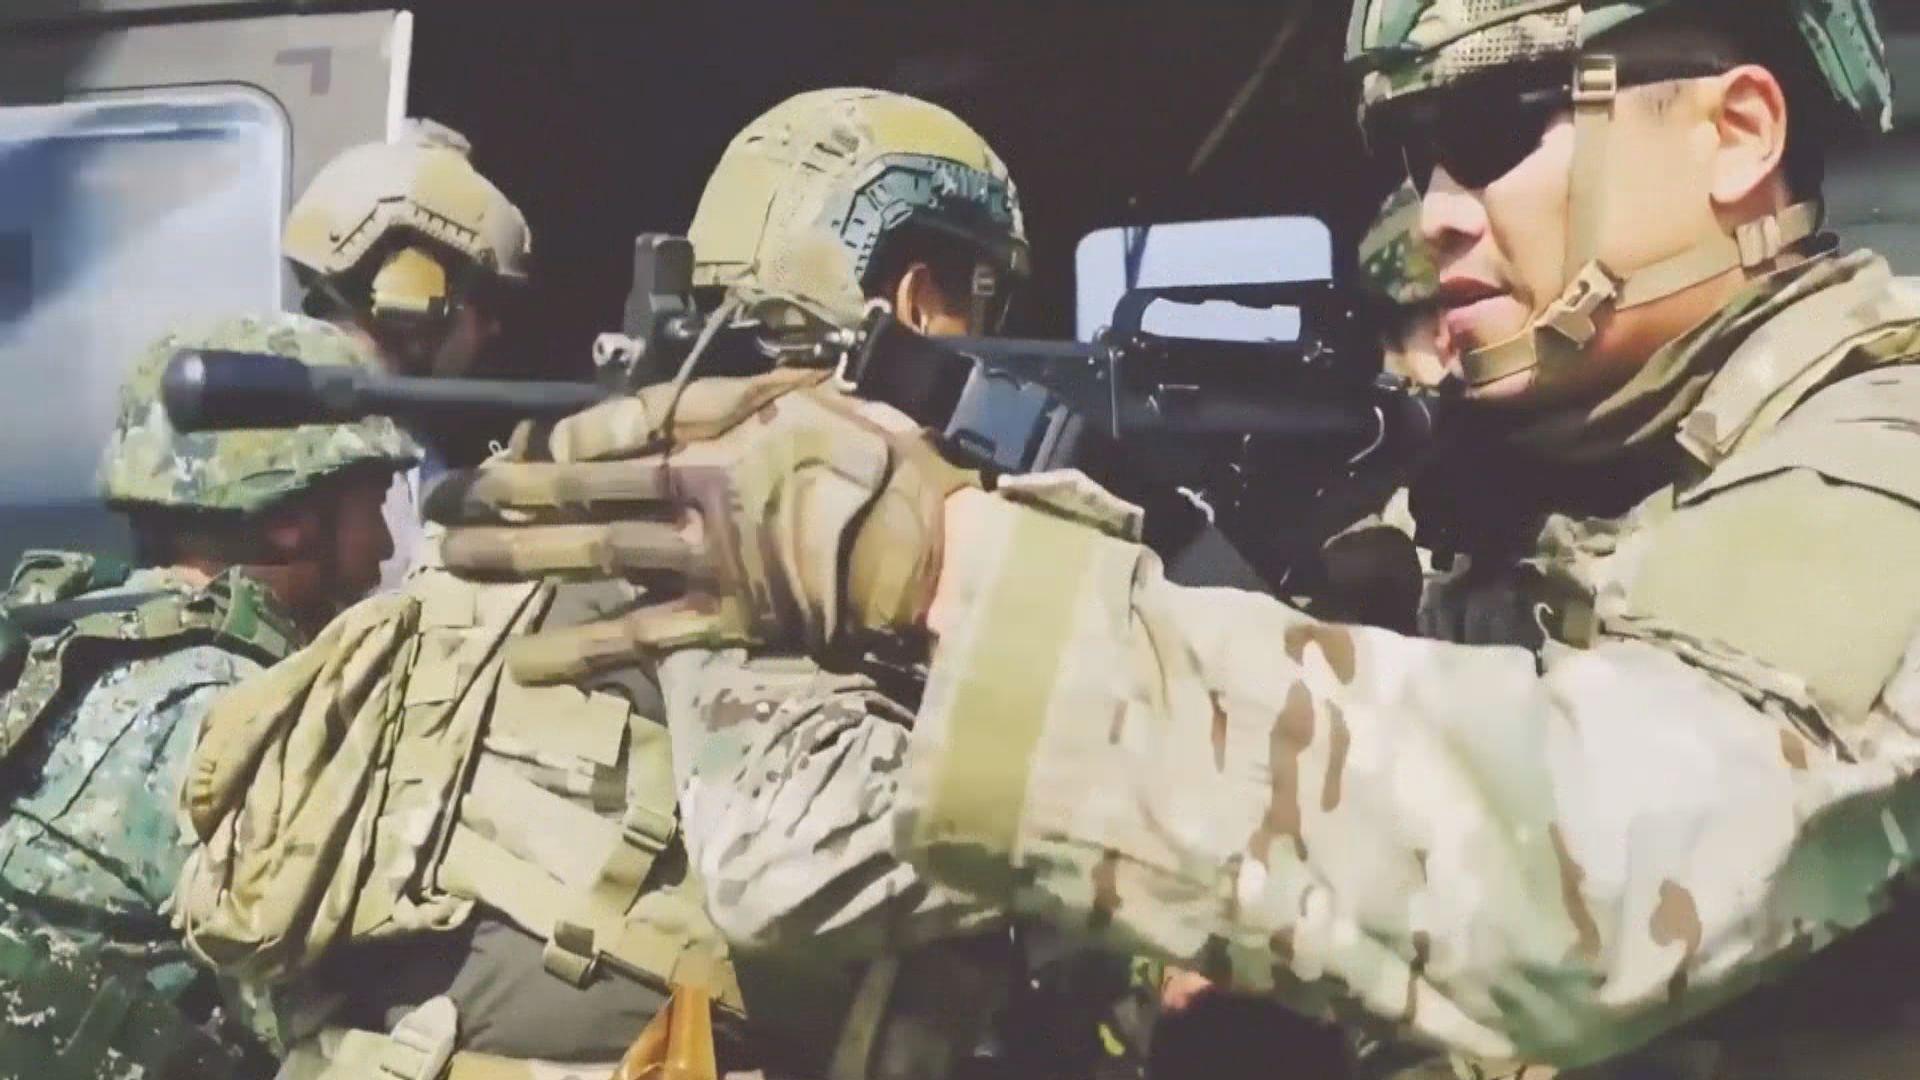 蔡英文首證美軍在台訓練 環球時報批是破底線的事